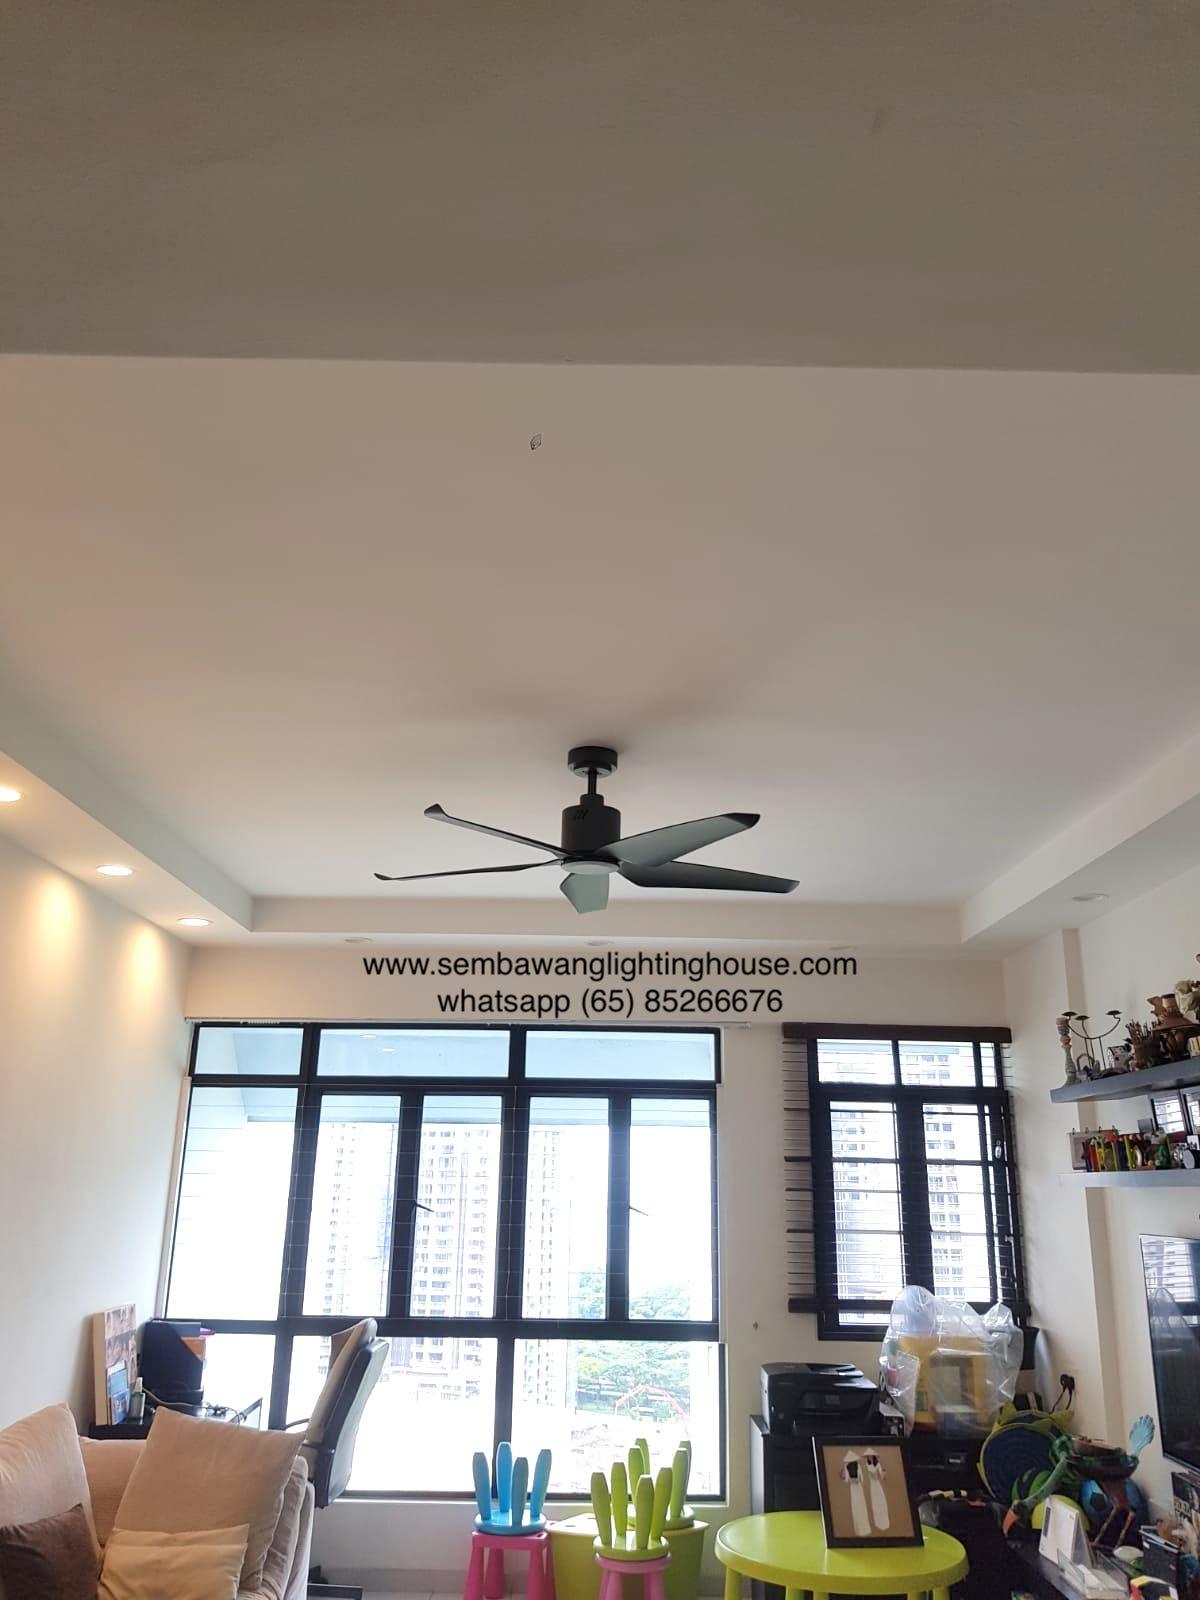 sample-1-kaze-kino-black-without-light-ceiling-fan-sembawang-lighting-house.jpg